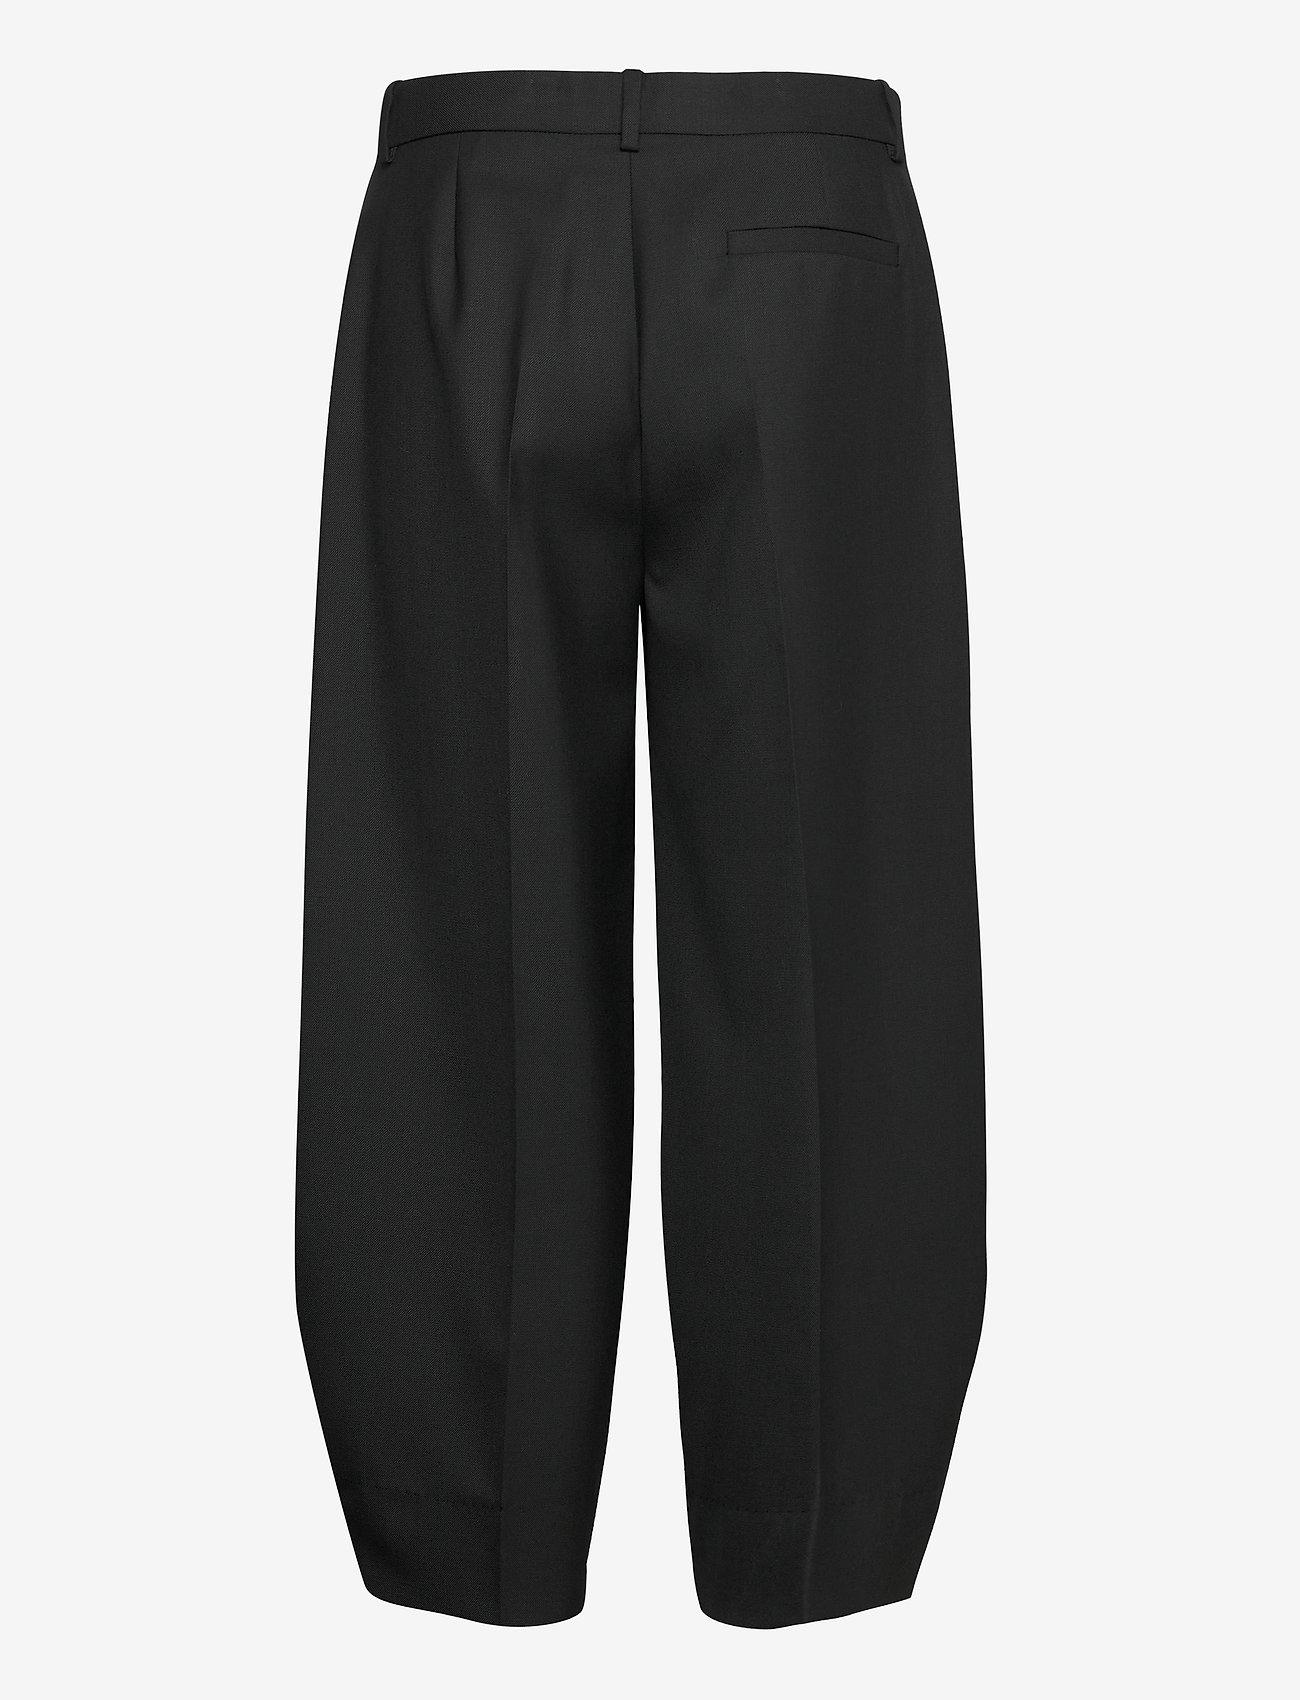 RODEBJER - RODEBJER AIA - bukser med brede ben - black - 1